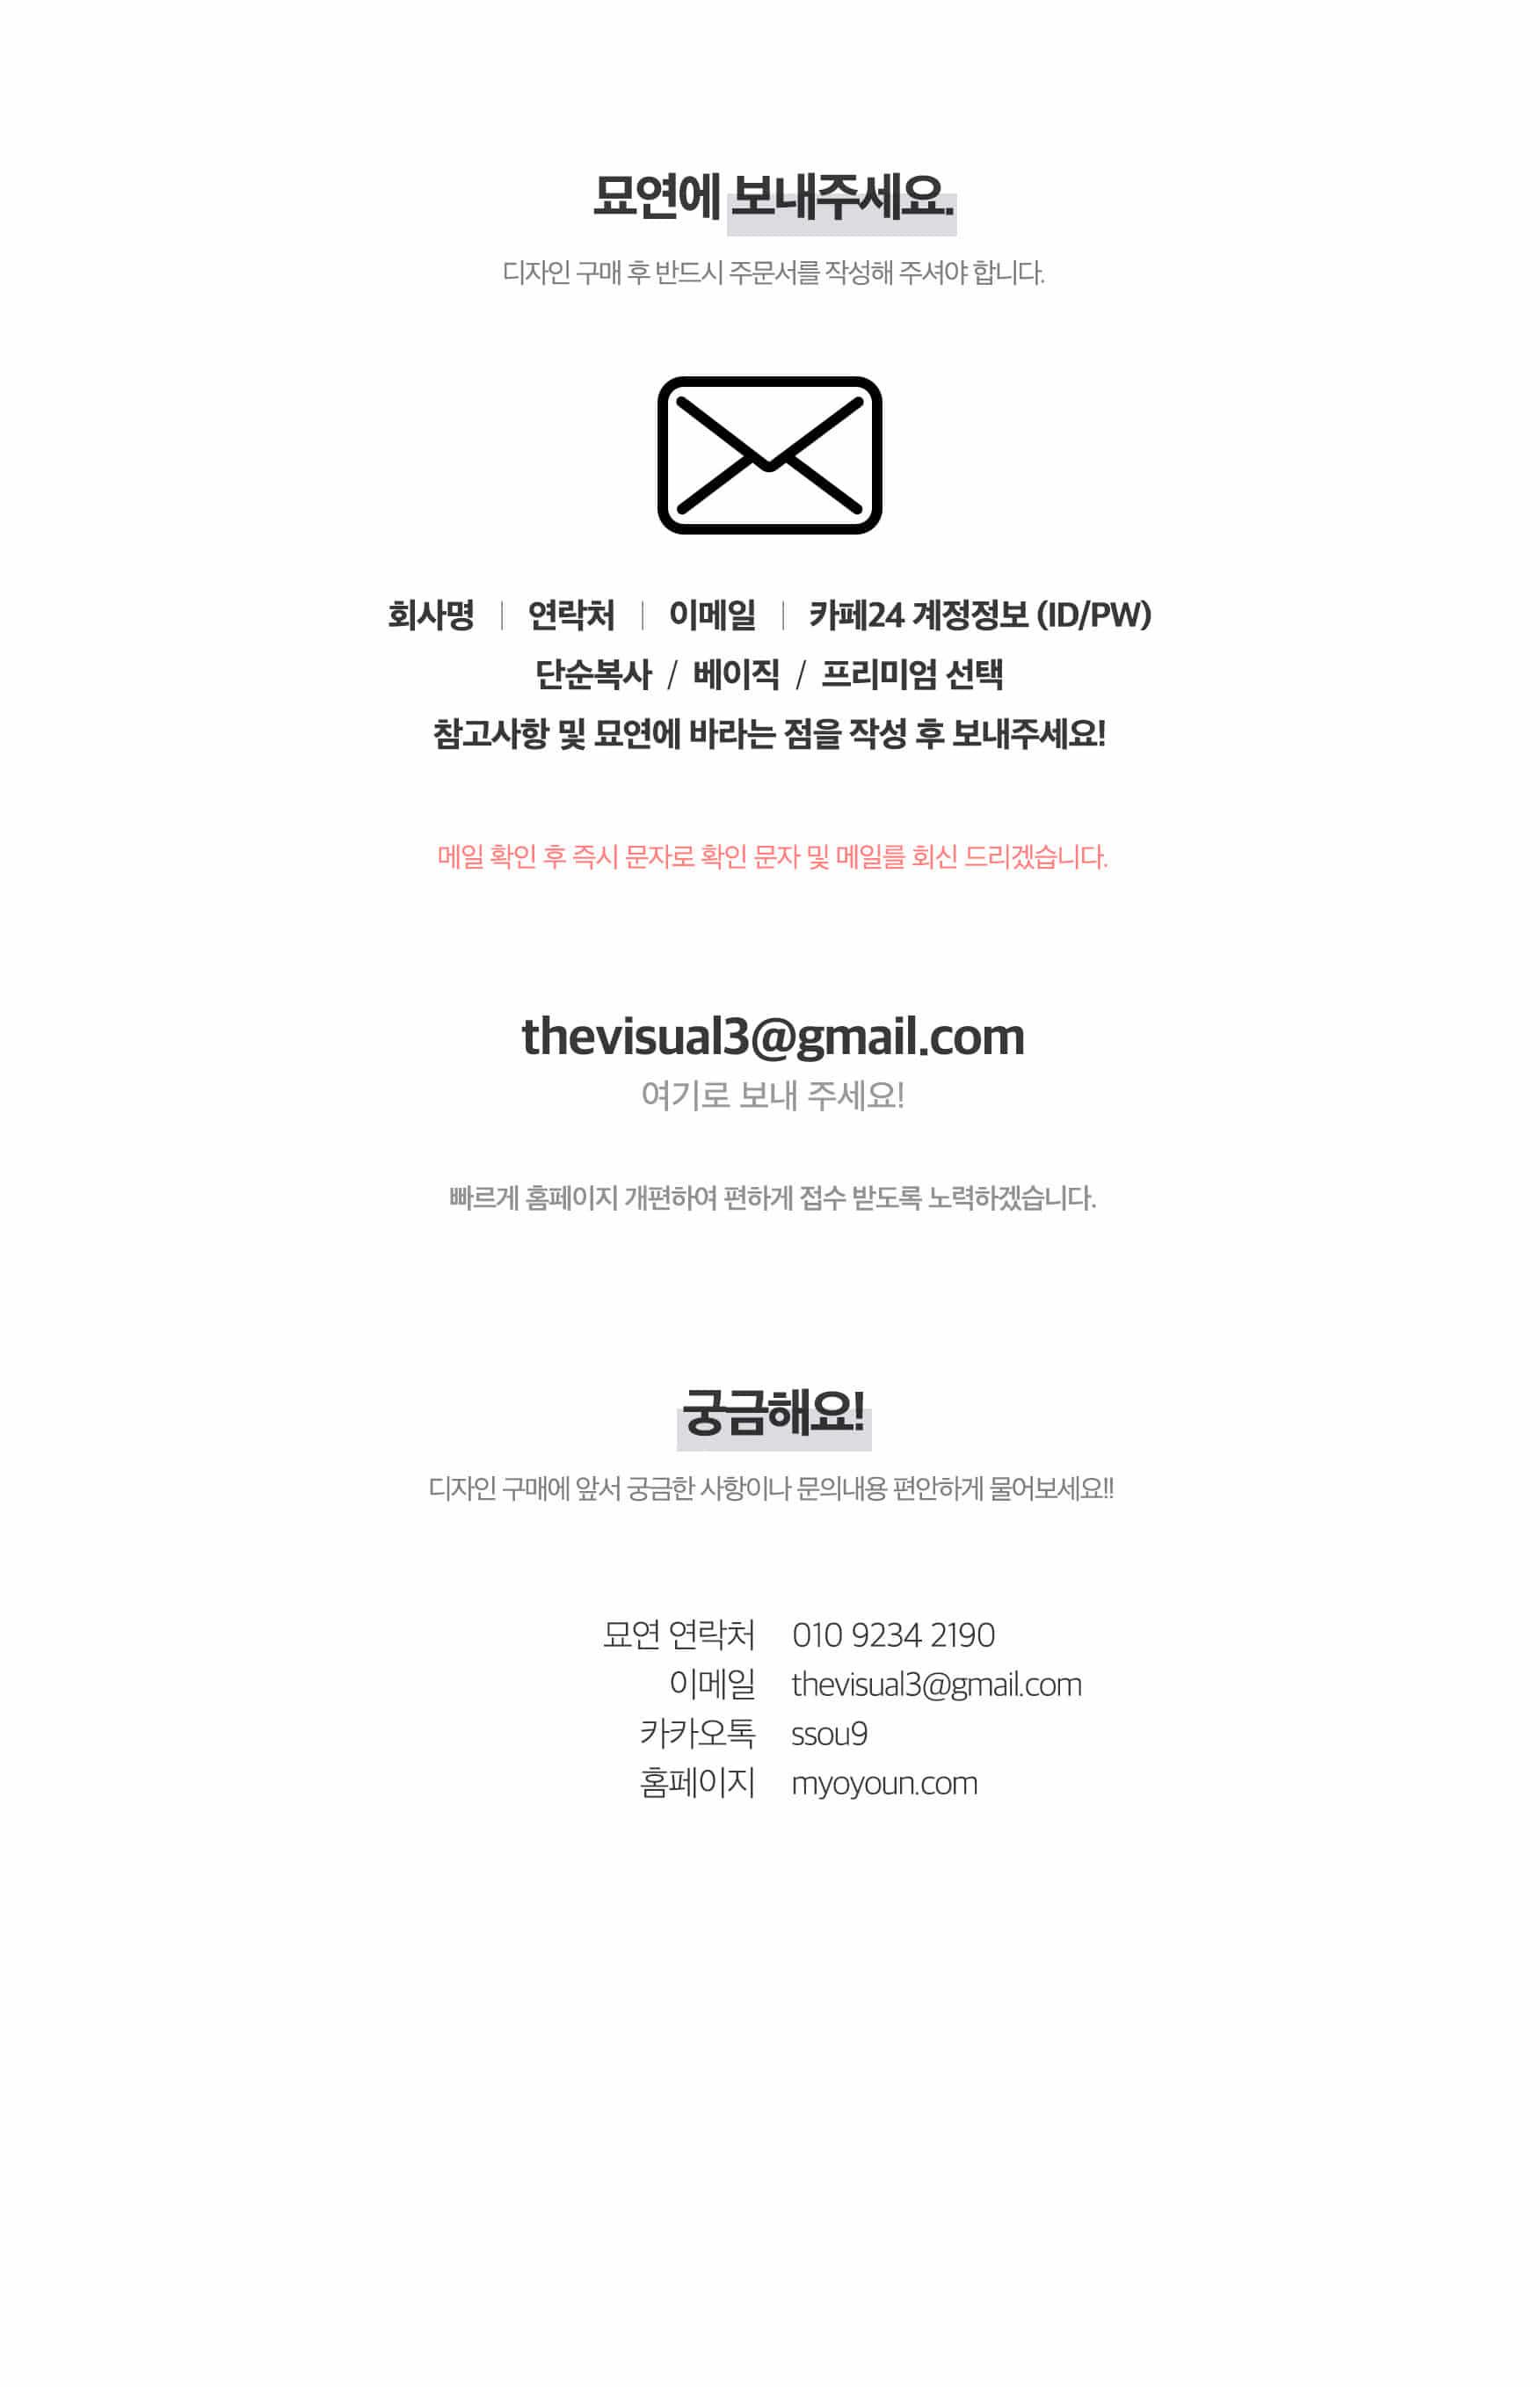 묘연디자인 010 9234 2190